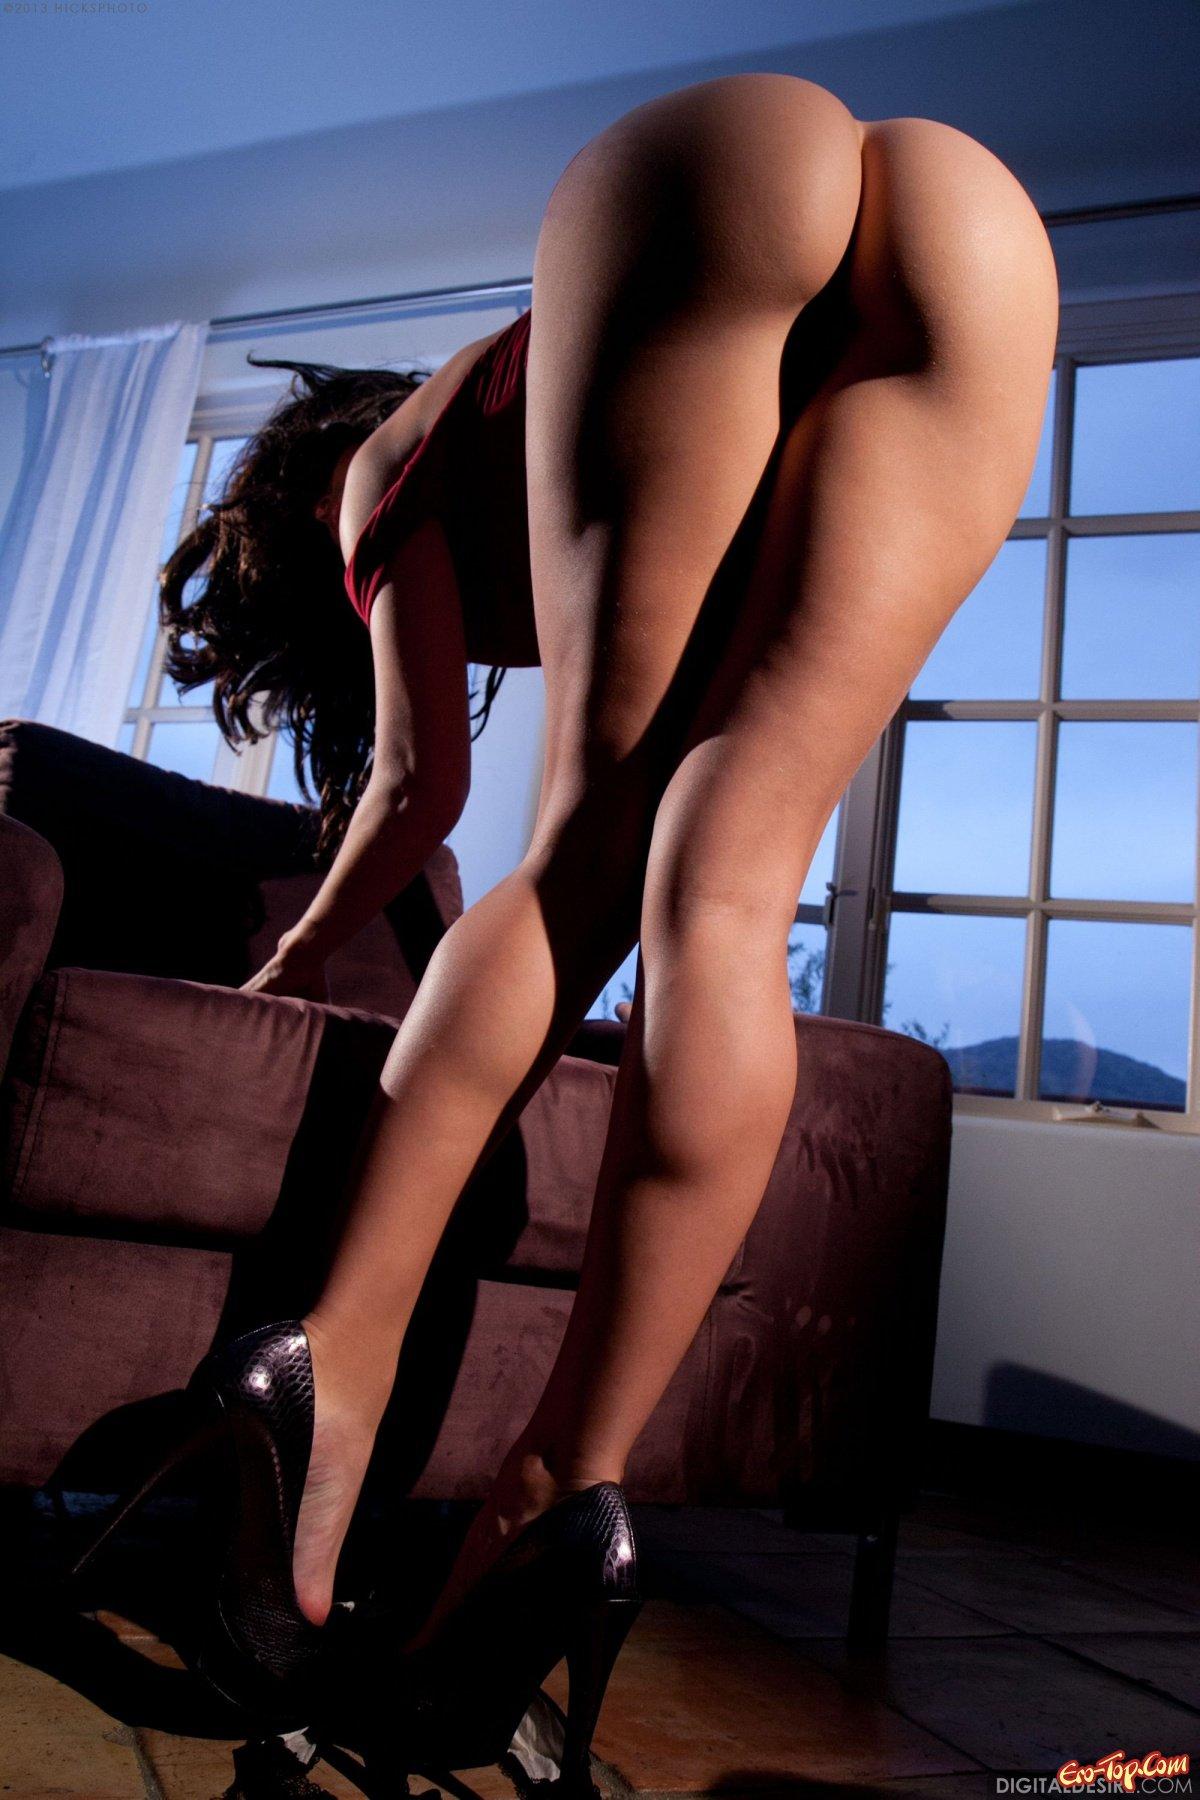 Смотреть высокие каблуки и трусики 2 15 фотография